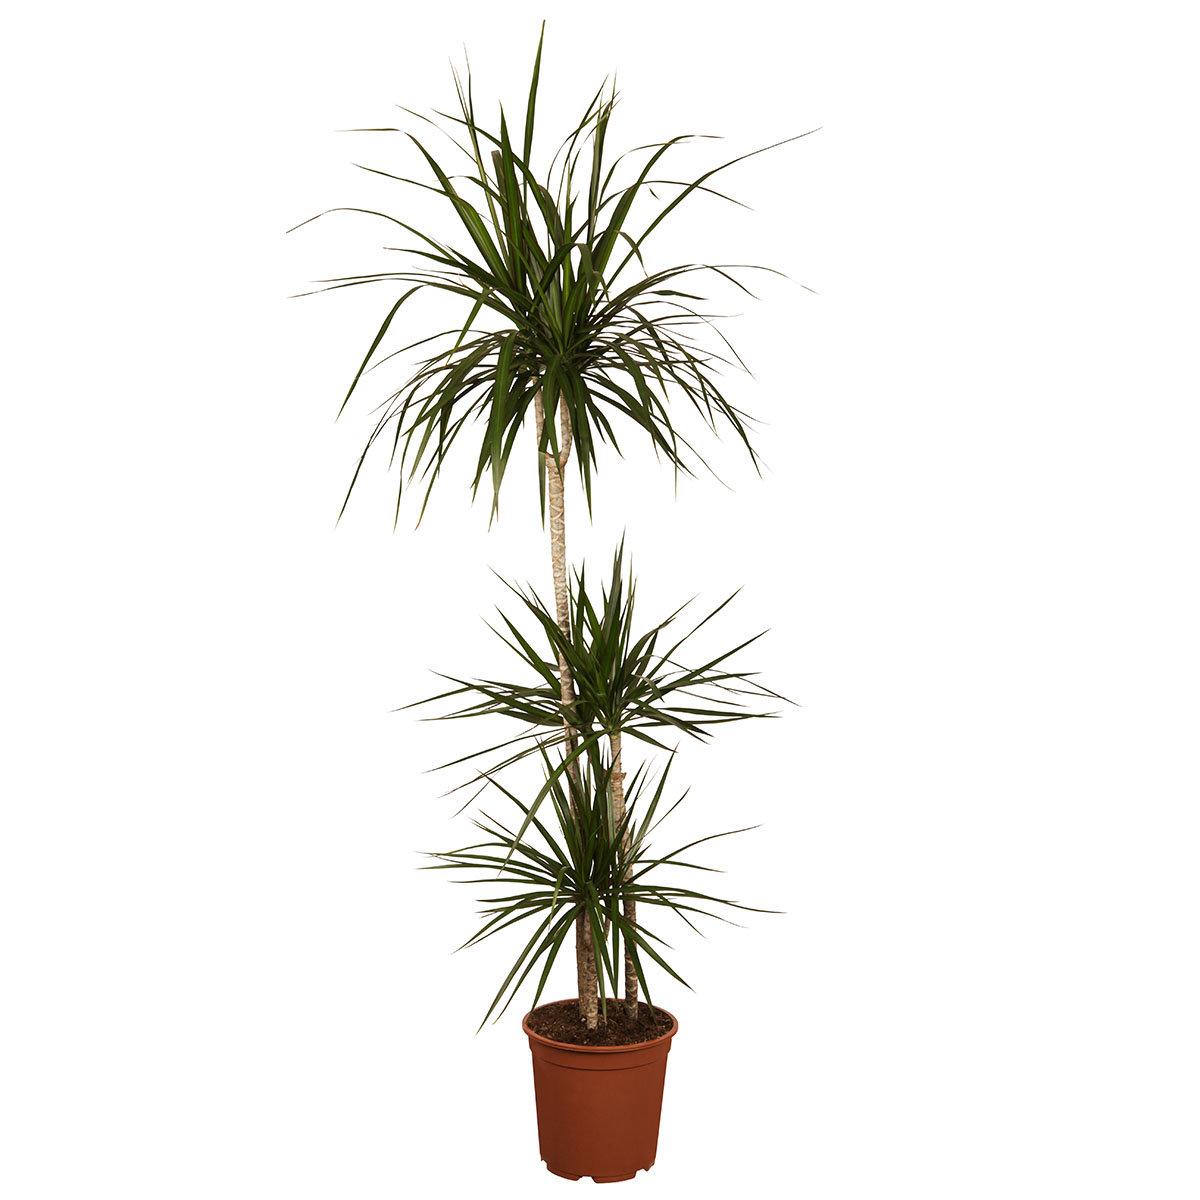 Drachenbaum Marginata, 3er Tuff, im ca. 24 cm-Topf | #2